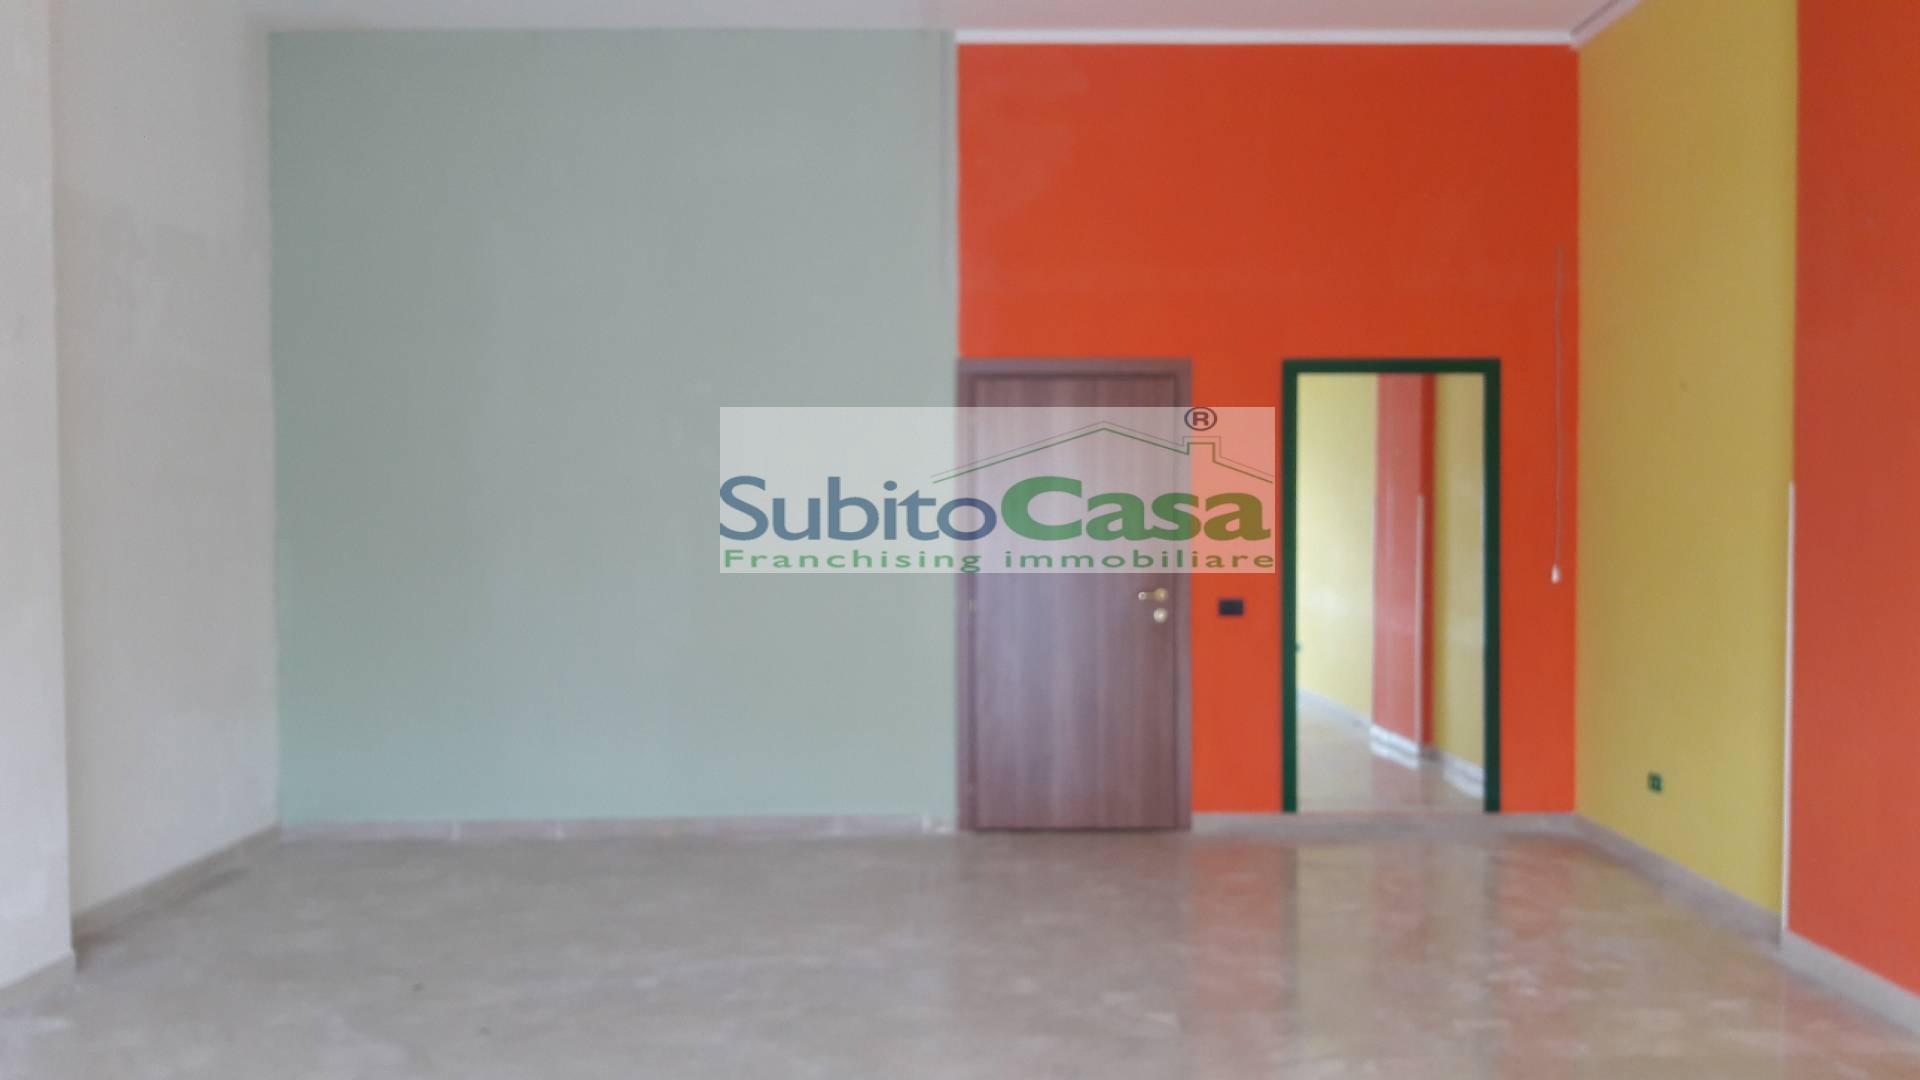 Negozio / Locale in affitto a Chieti, 9999 locali, zona Località: ChietiScaloZonaCentro, prezzo € 480 | Cambio Casa.it